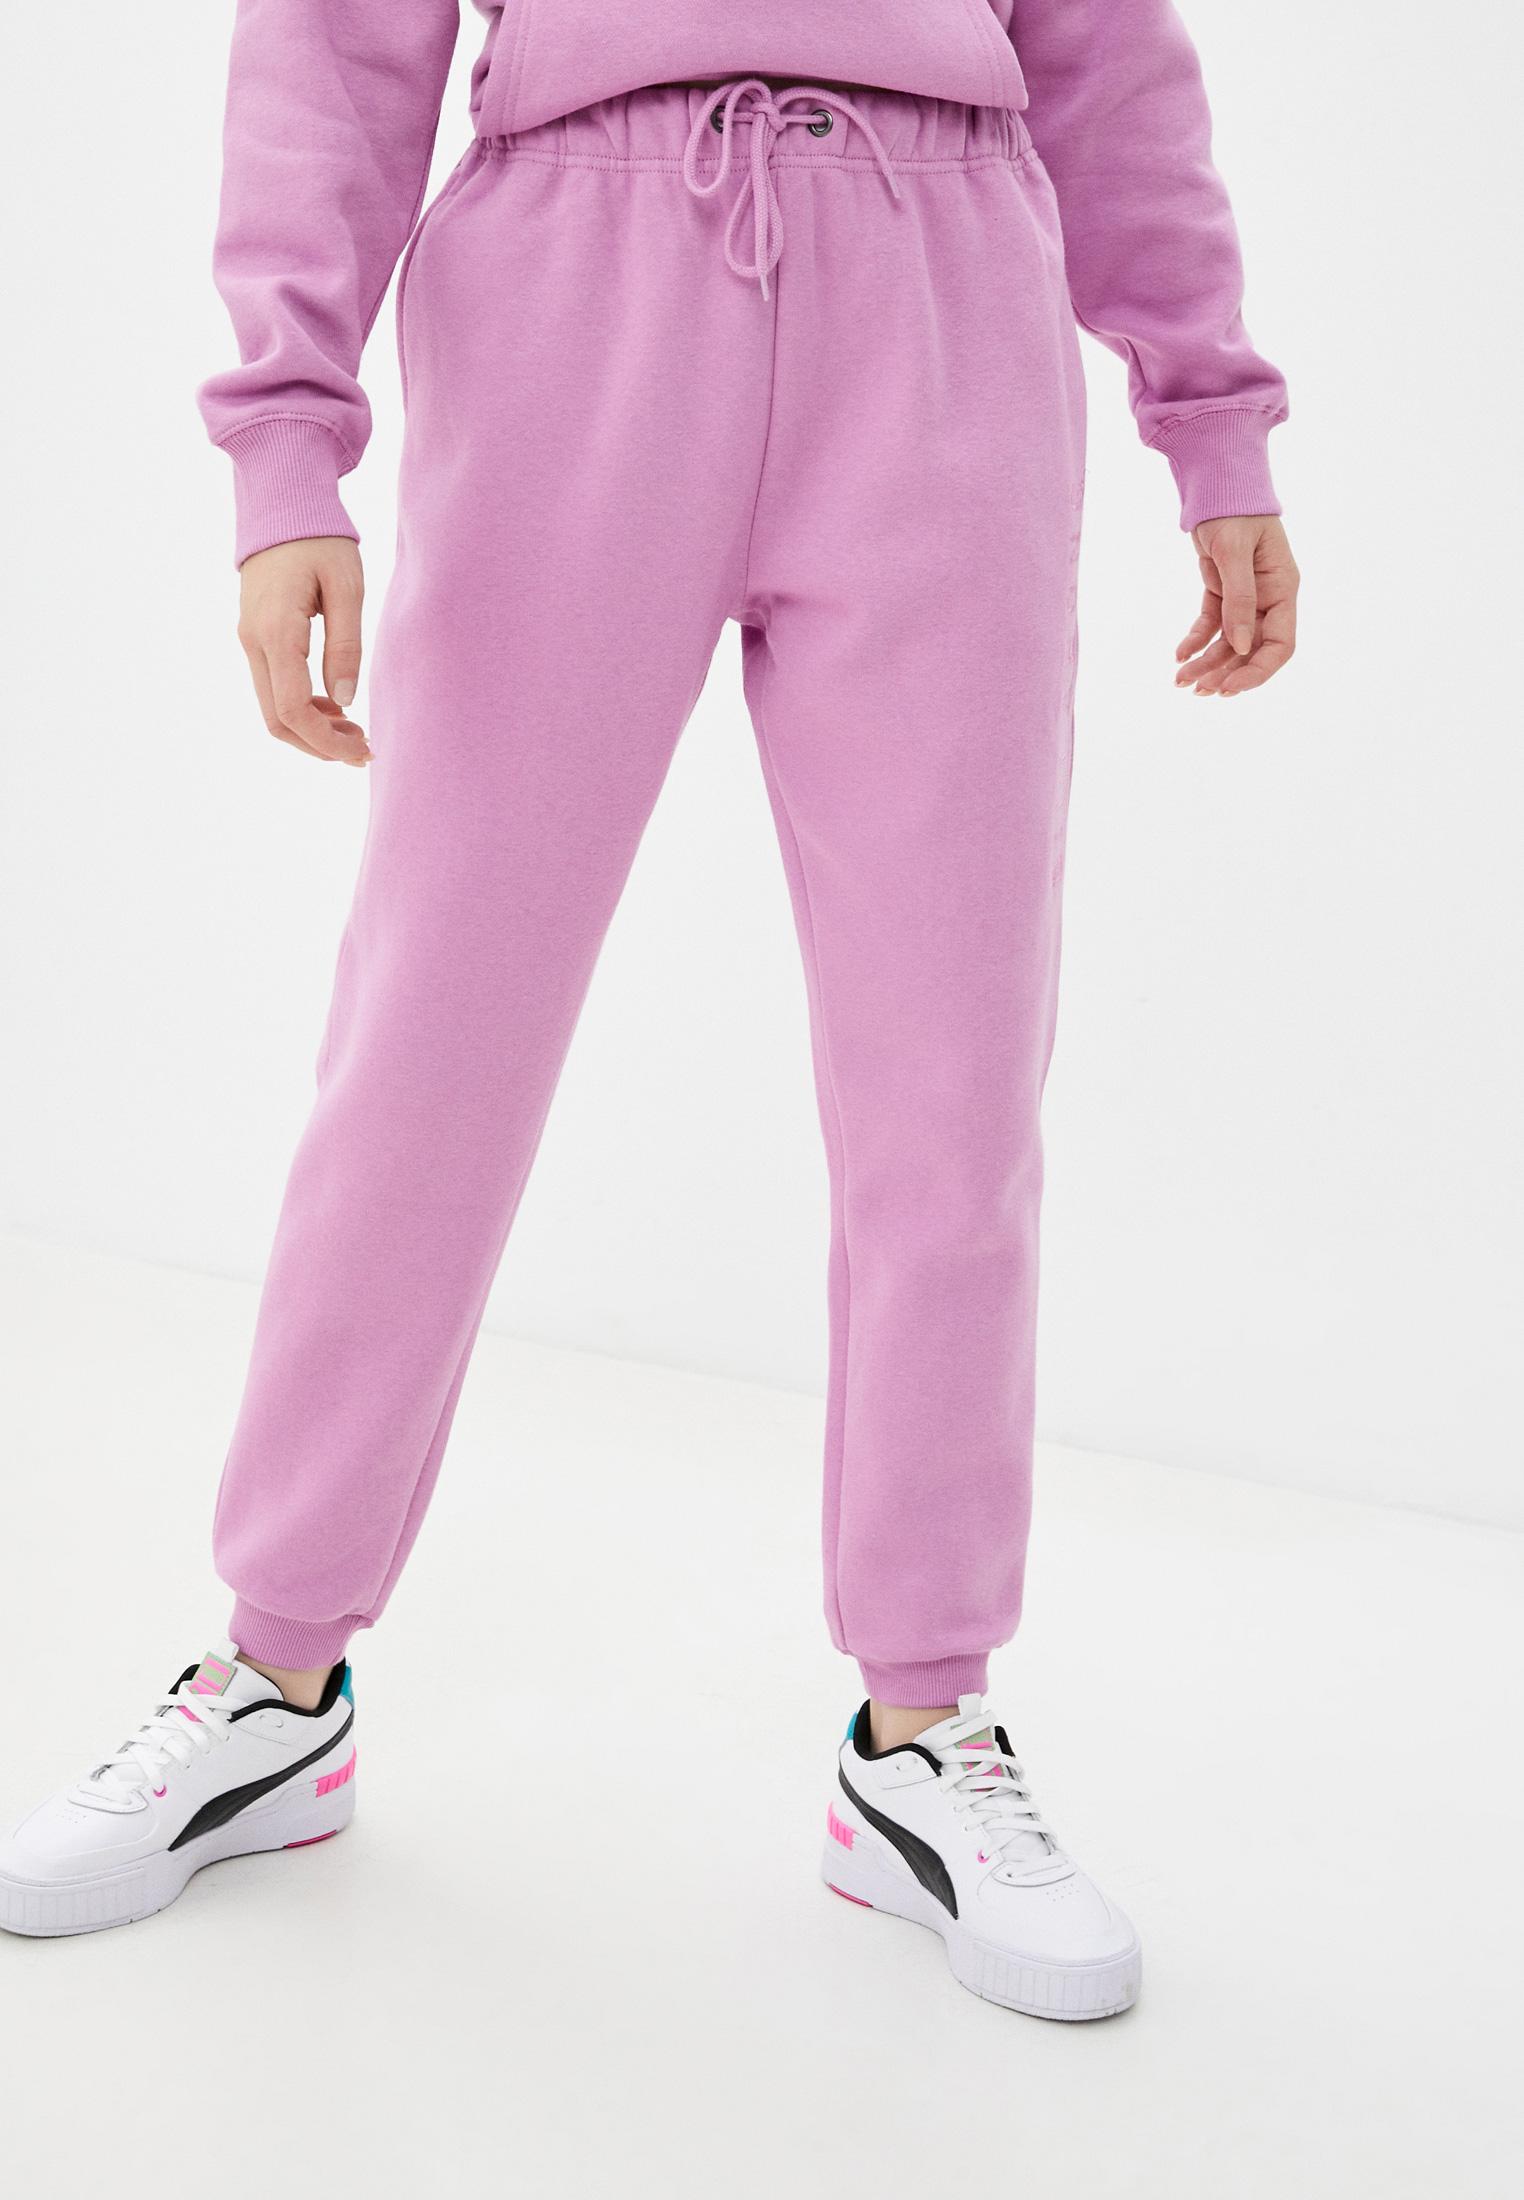 Женские спортивные брюки Billabong (Биллабонг) Брюки спортивные Billabong